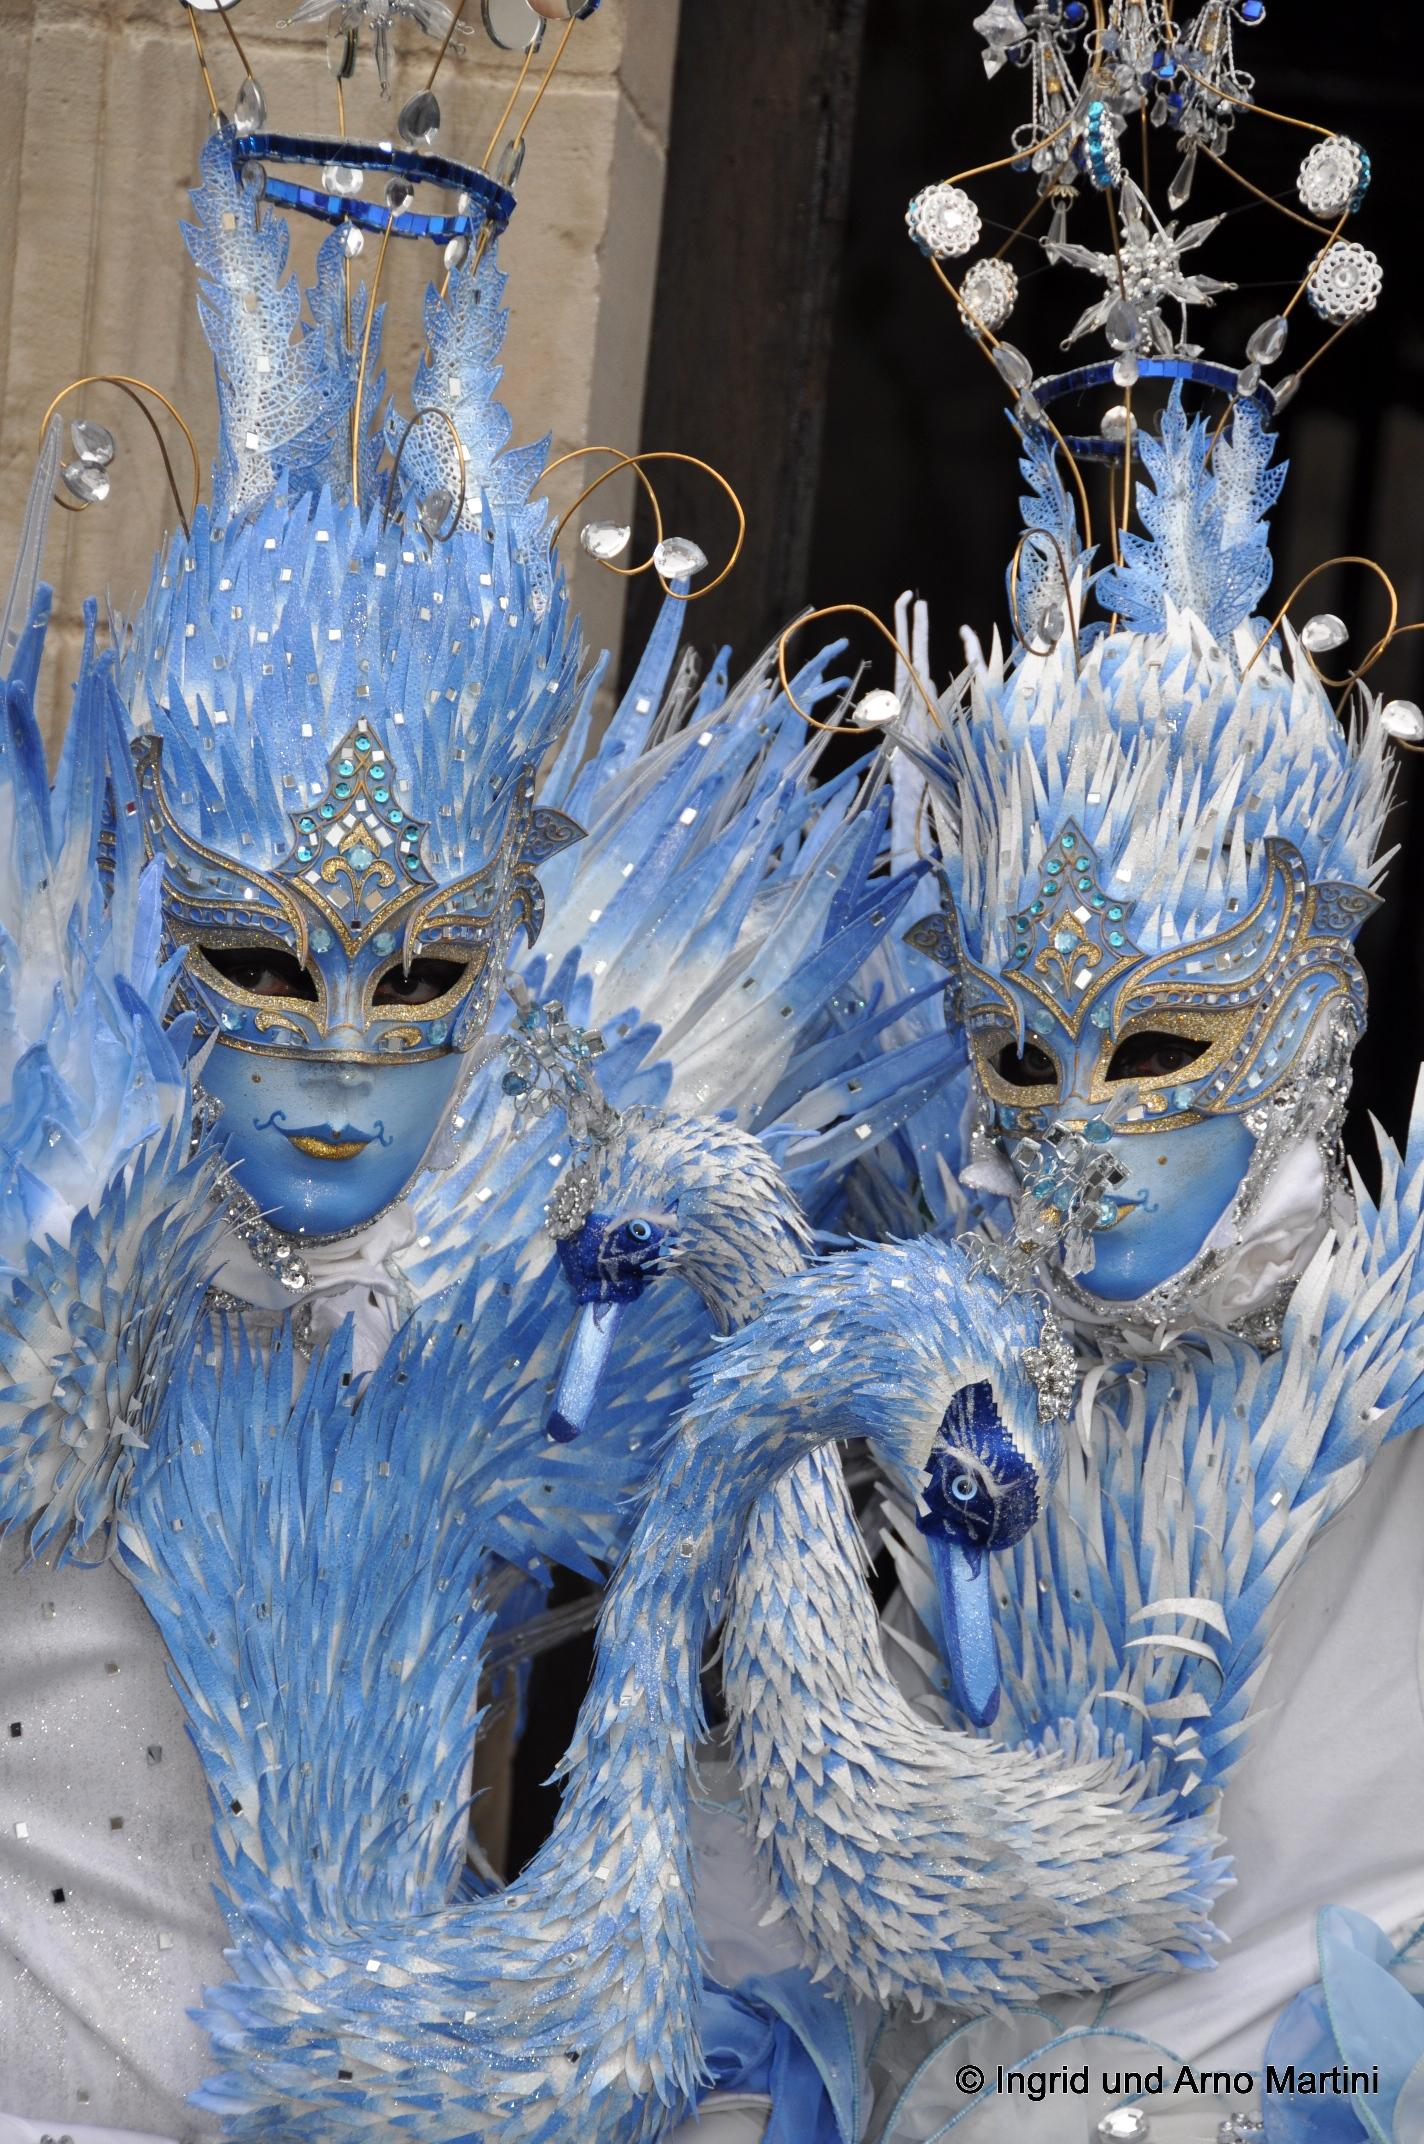 Diner spectacle carnaval venitien de remiremont remiremont 88200 16 03 2018 agenda - Office du tourisme remiremont ...